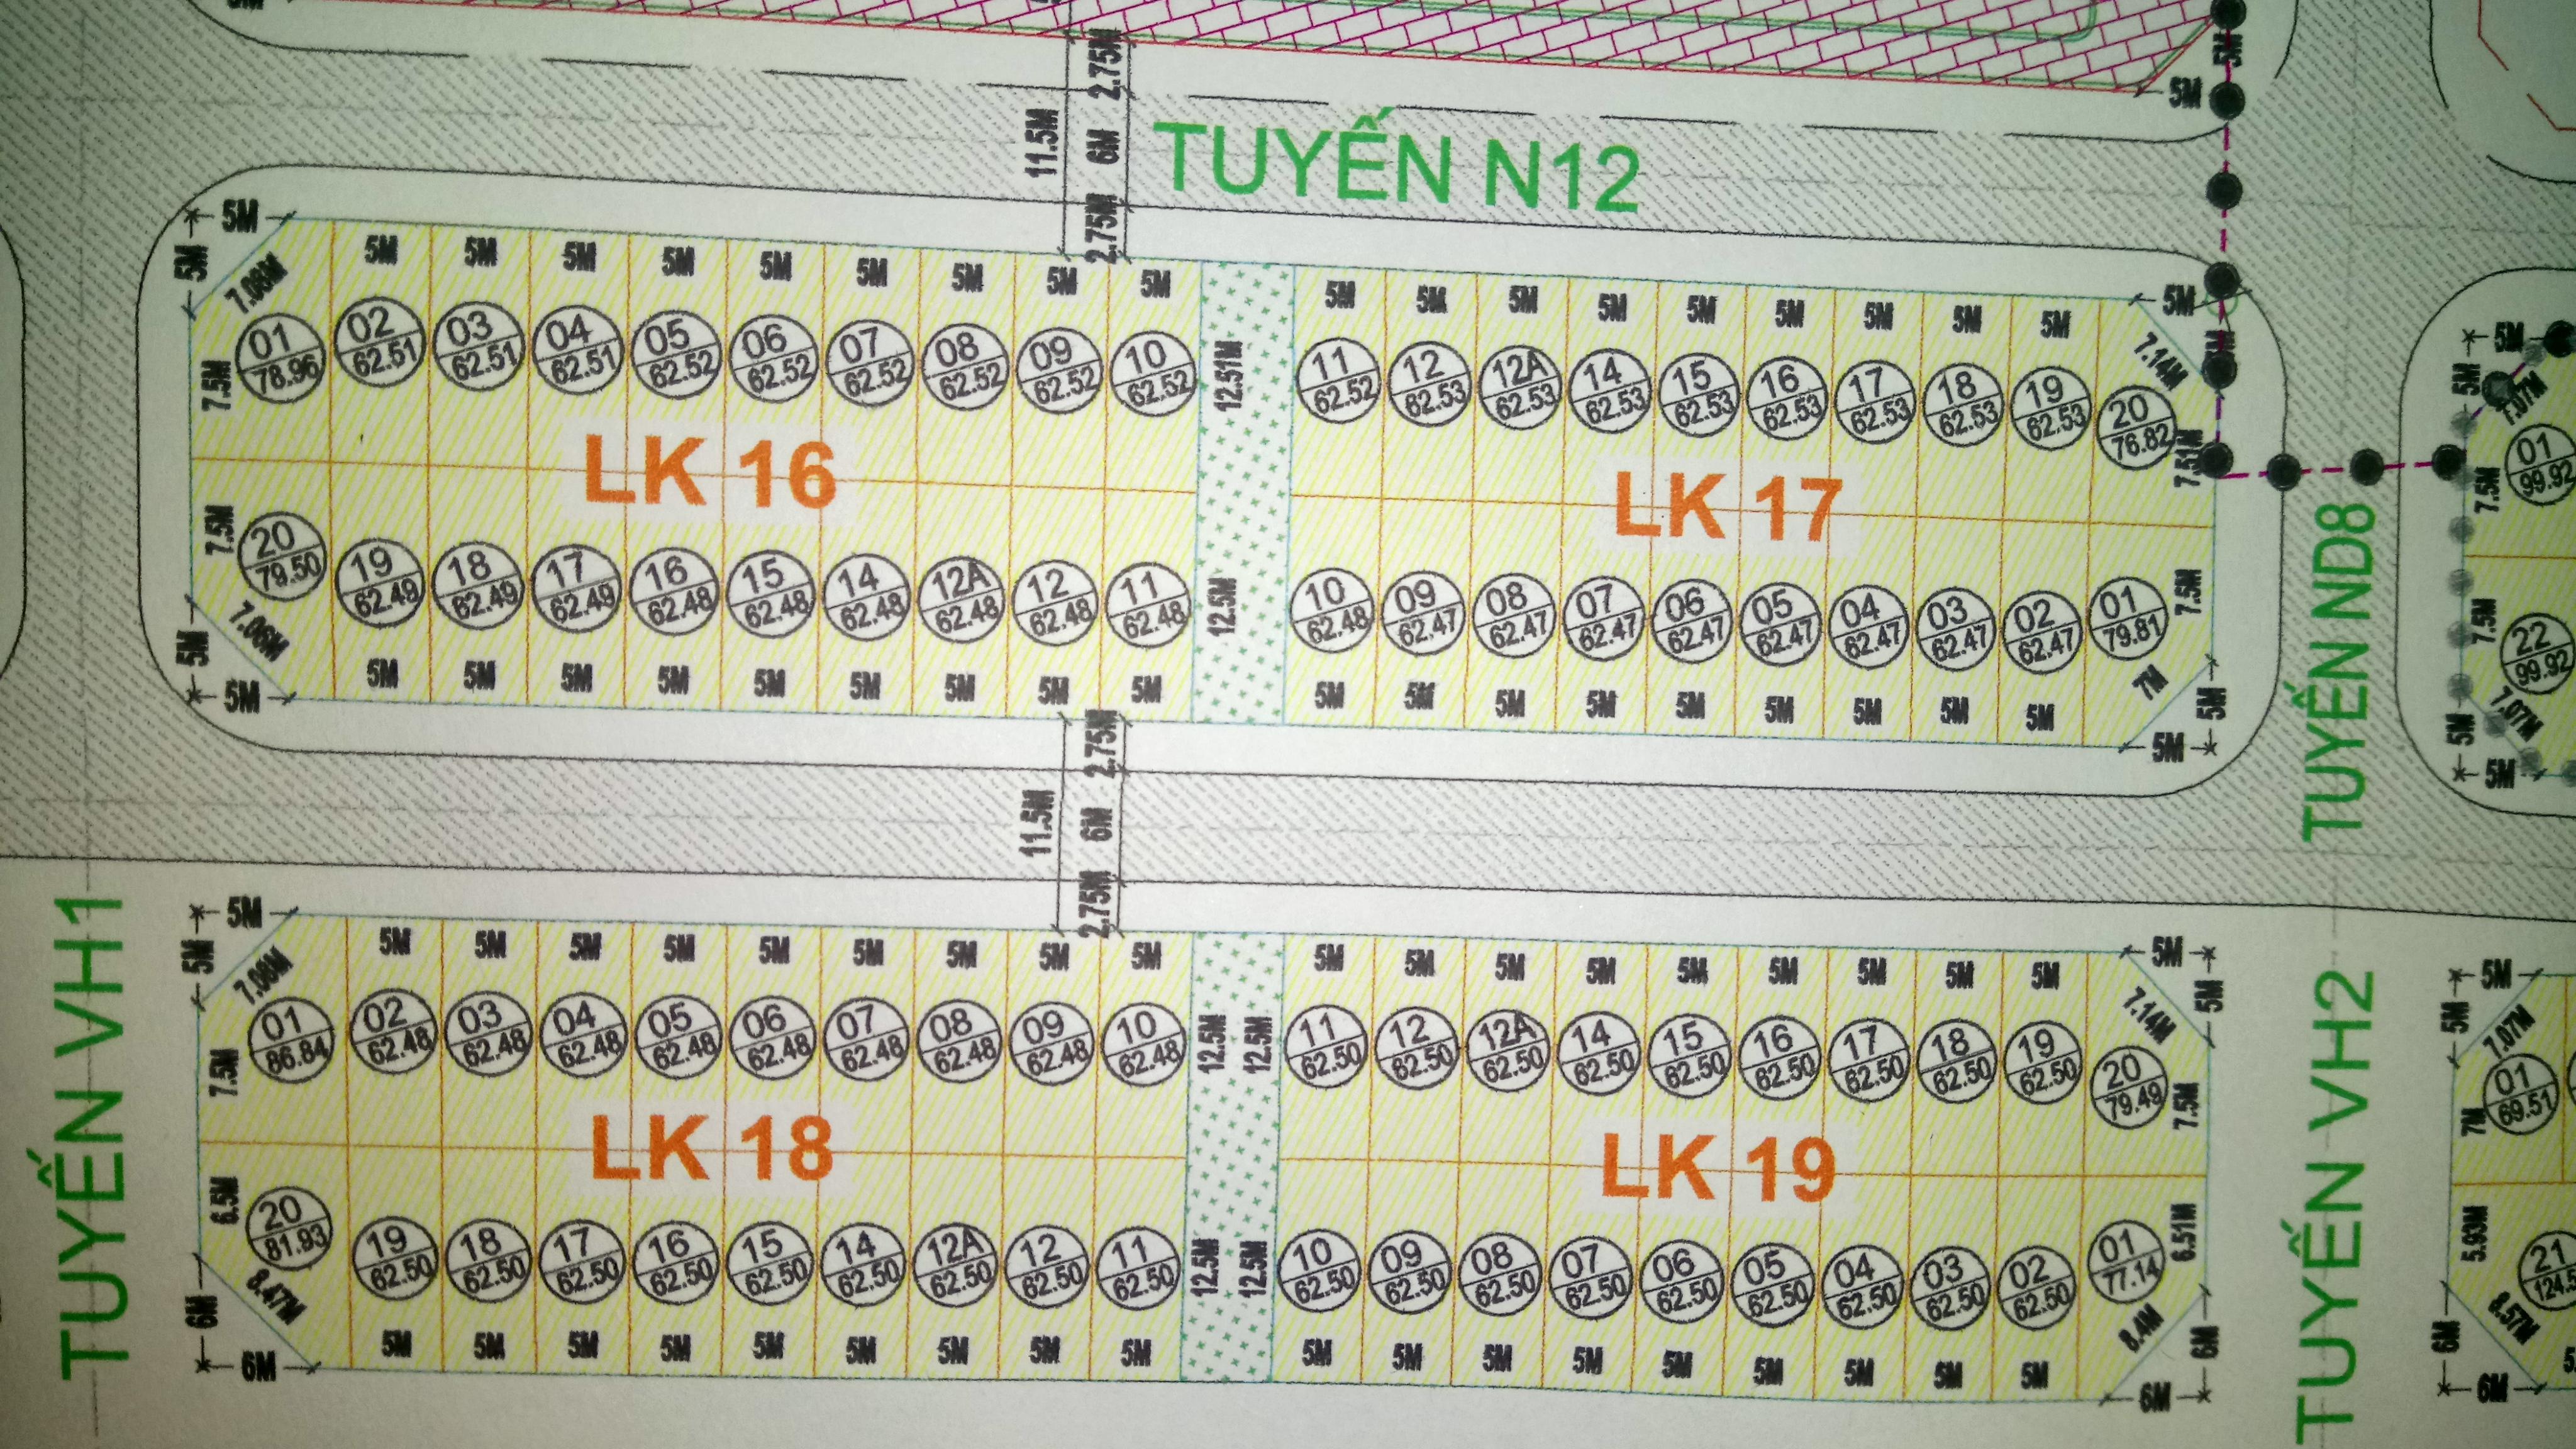 Phân lô LK 16, LK 17, LK 18, LK19